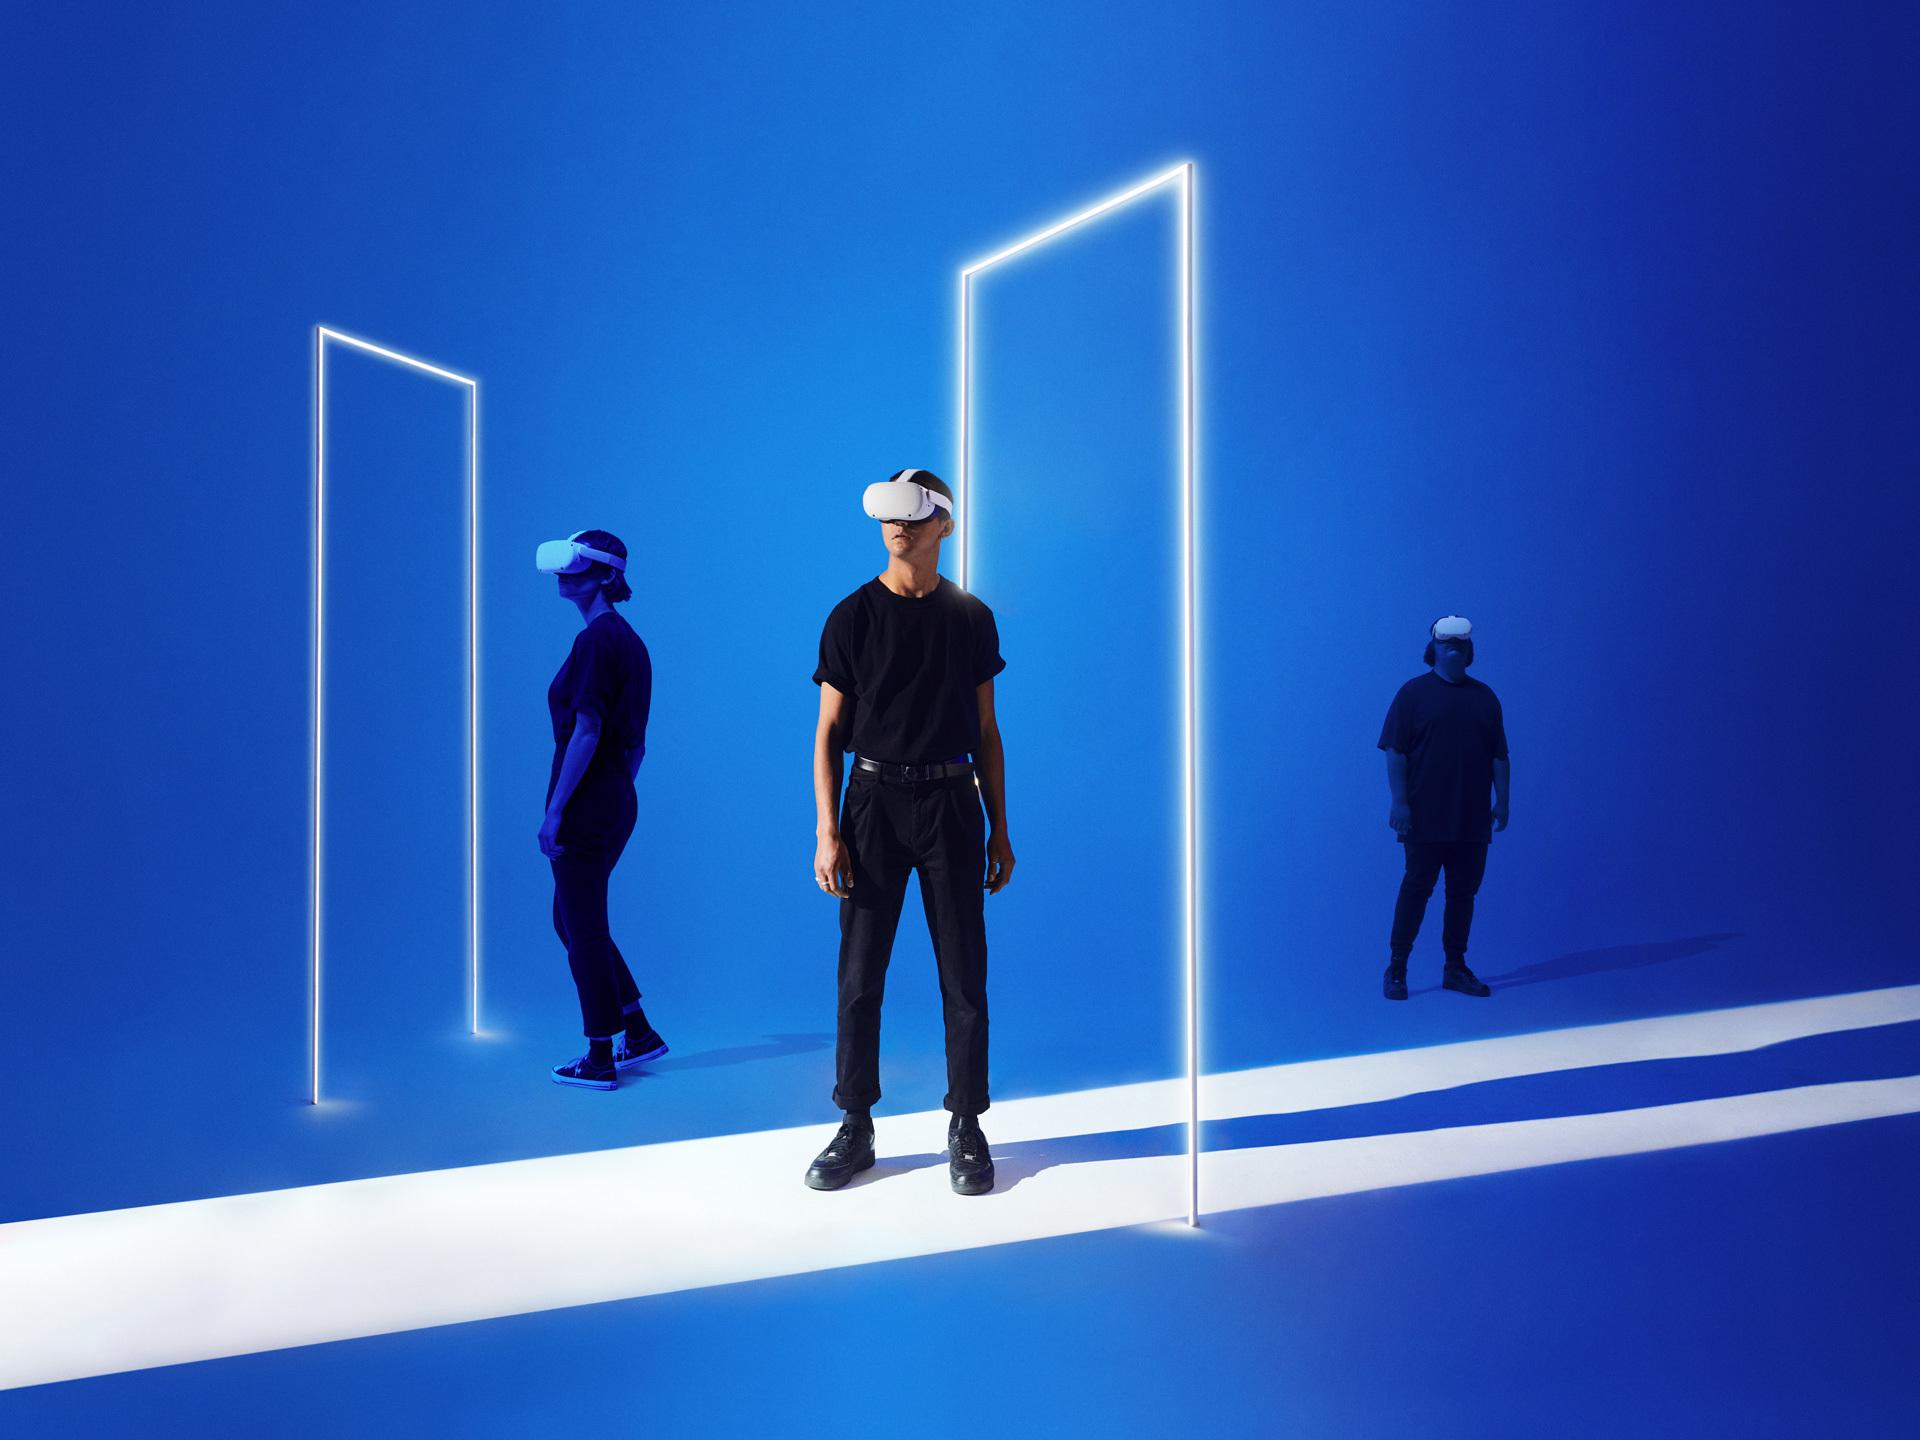 L'INFINI - THE INFINITE - Visiteurs avec des casques de réalité virtuelle